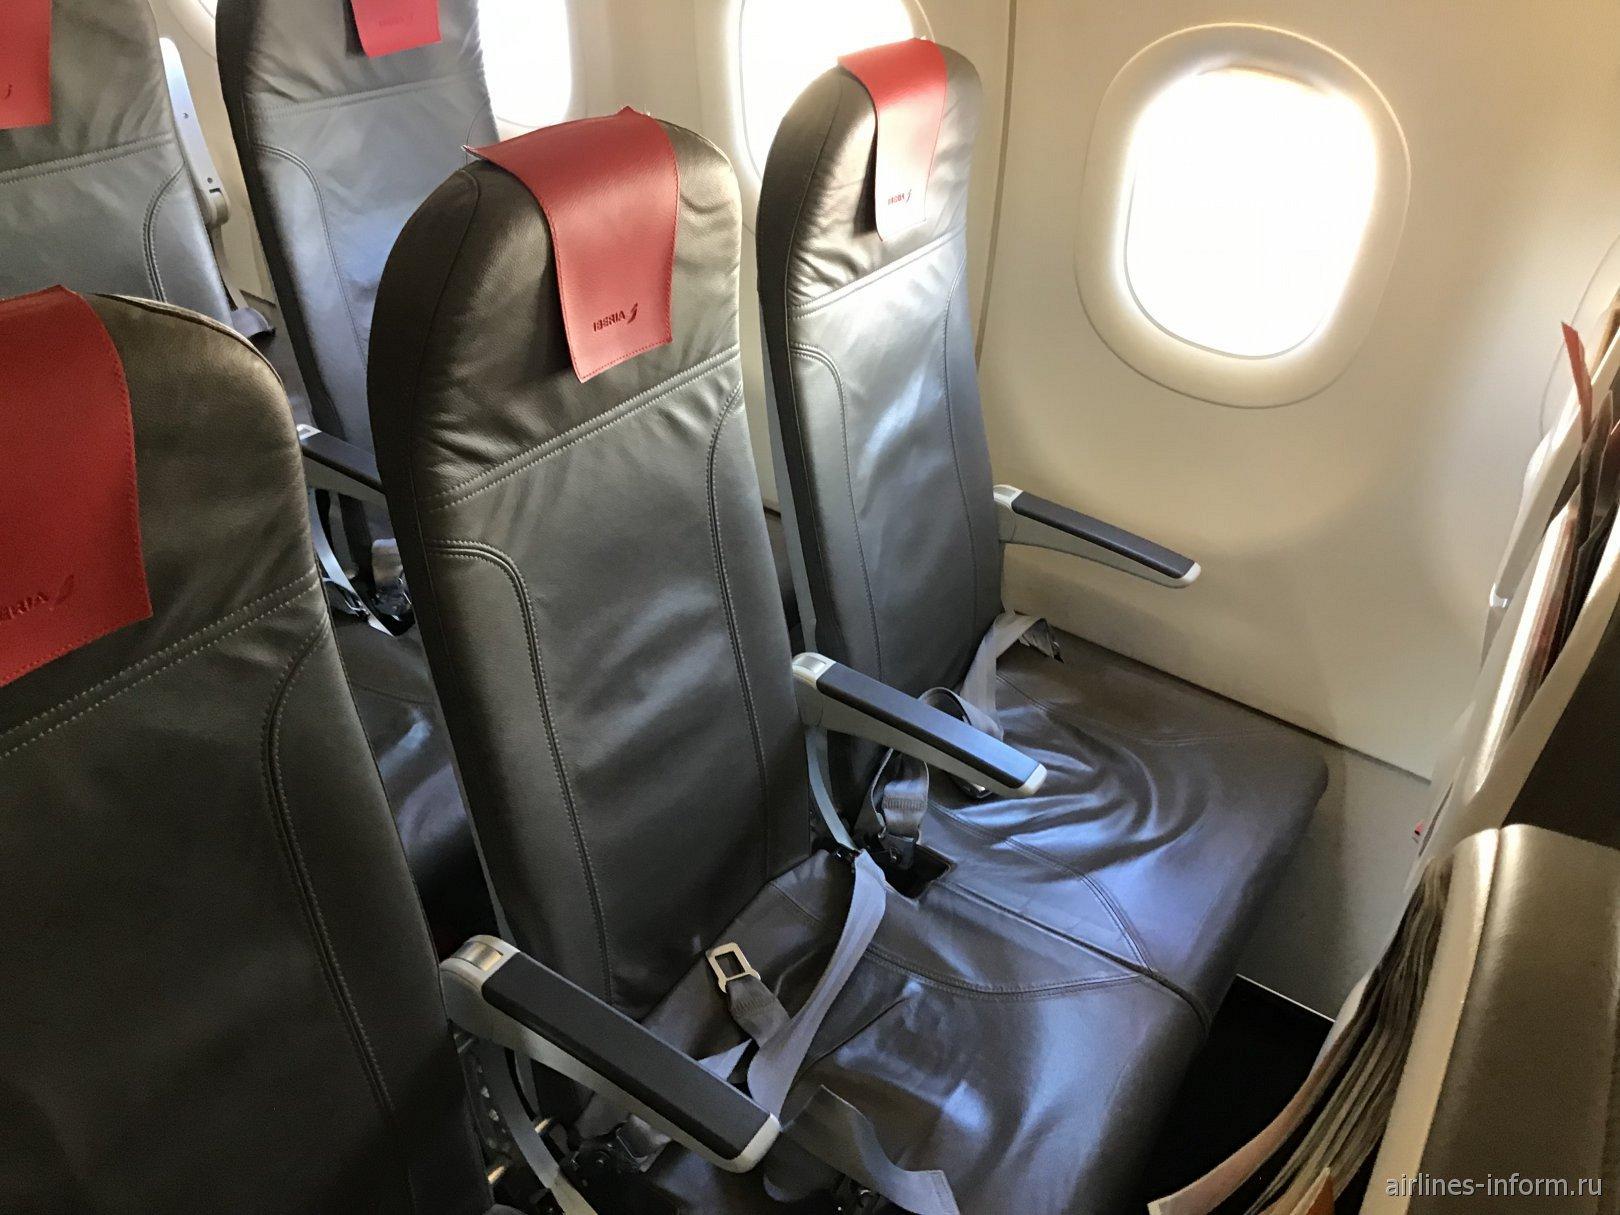 Пассажирские кресла в самолета Airbus A320 авиакомпании Iberia